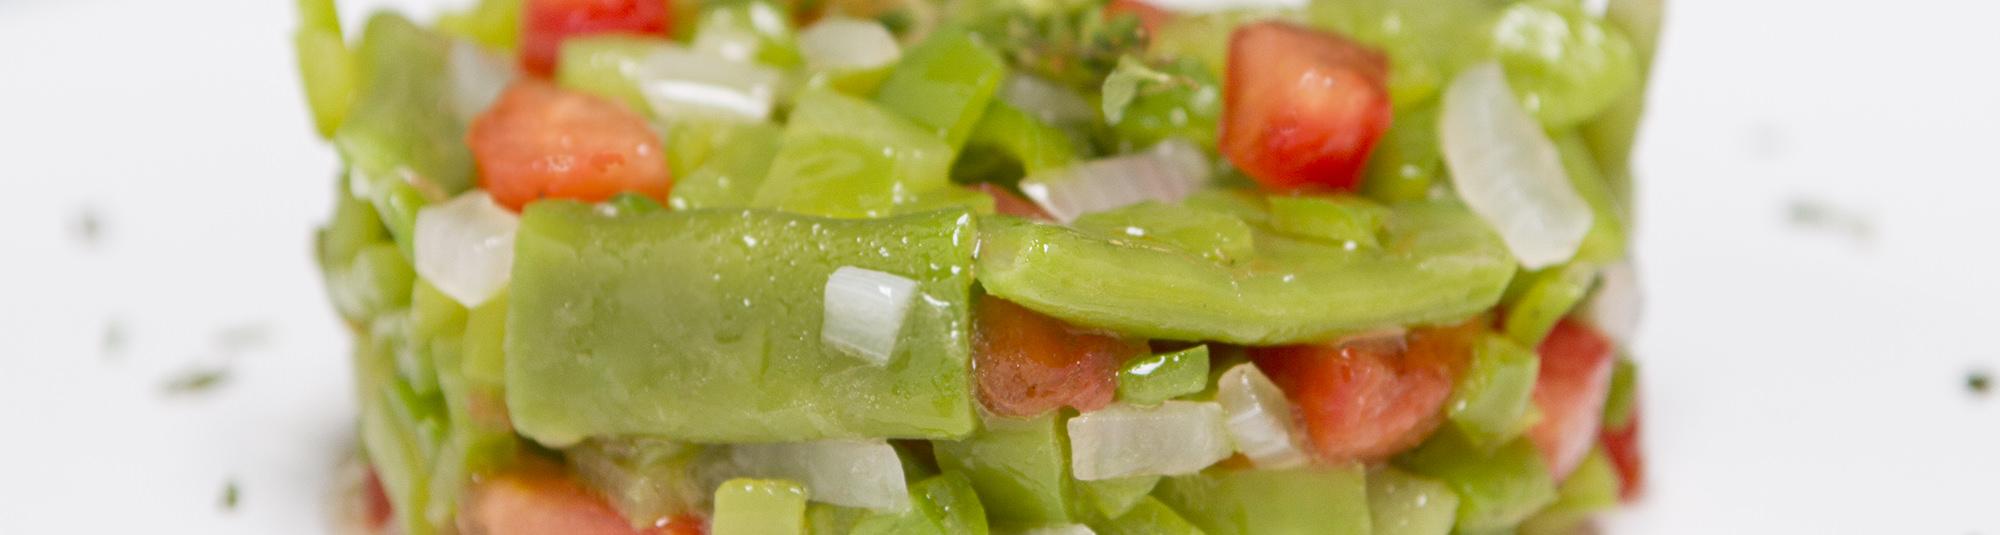 Judías verdes en ensalada Findus 1024 x 274